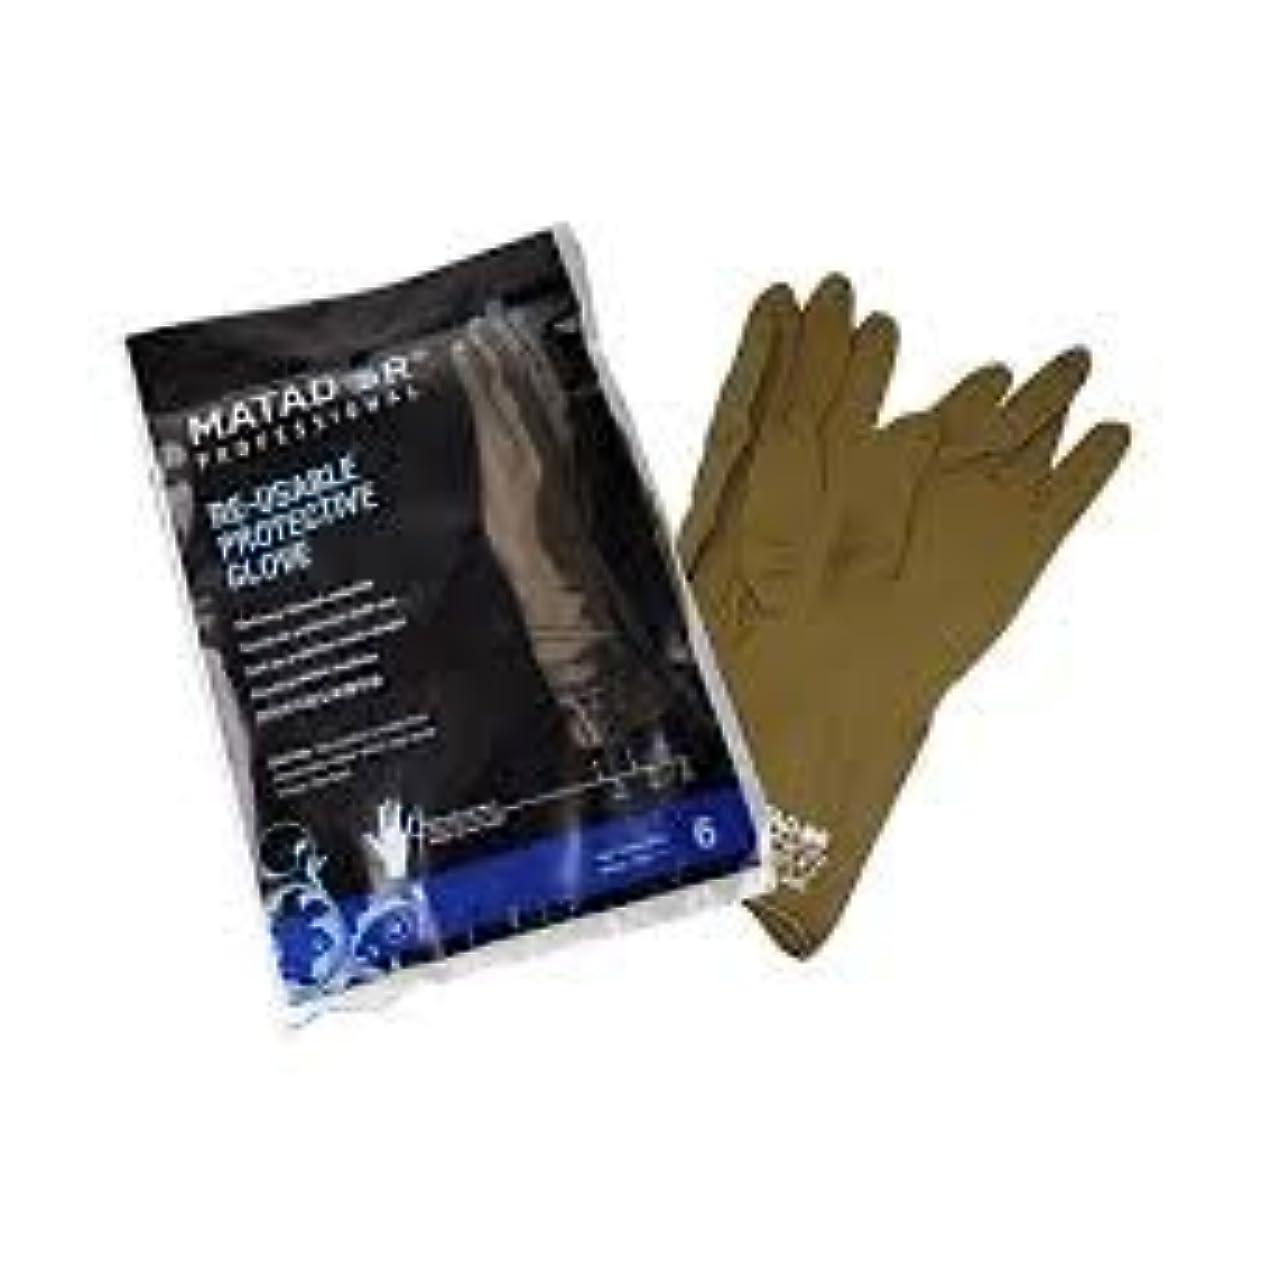 かき混ぜるバンカーオズワルドマタドールゴム手袋 6.0吋 【5個セット】